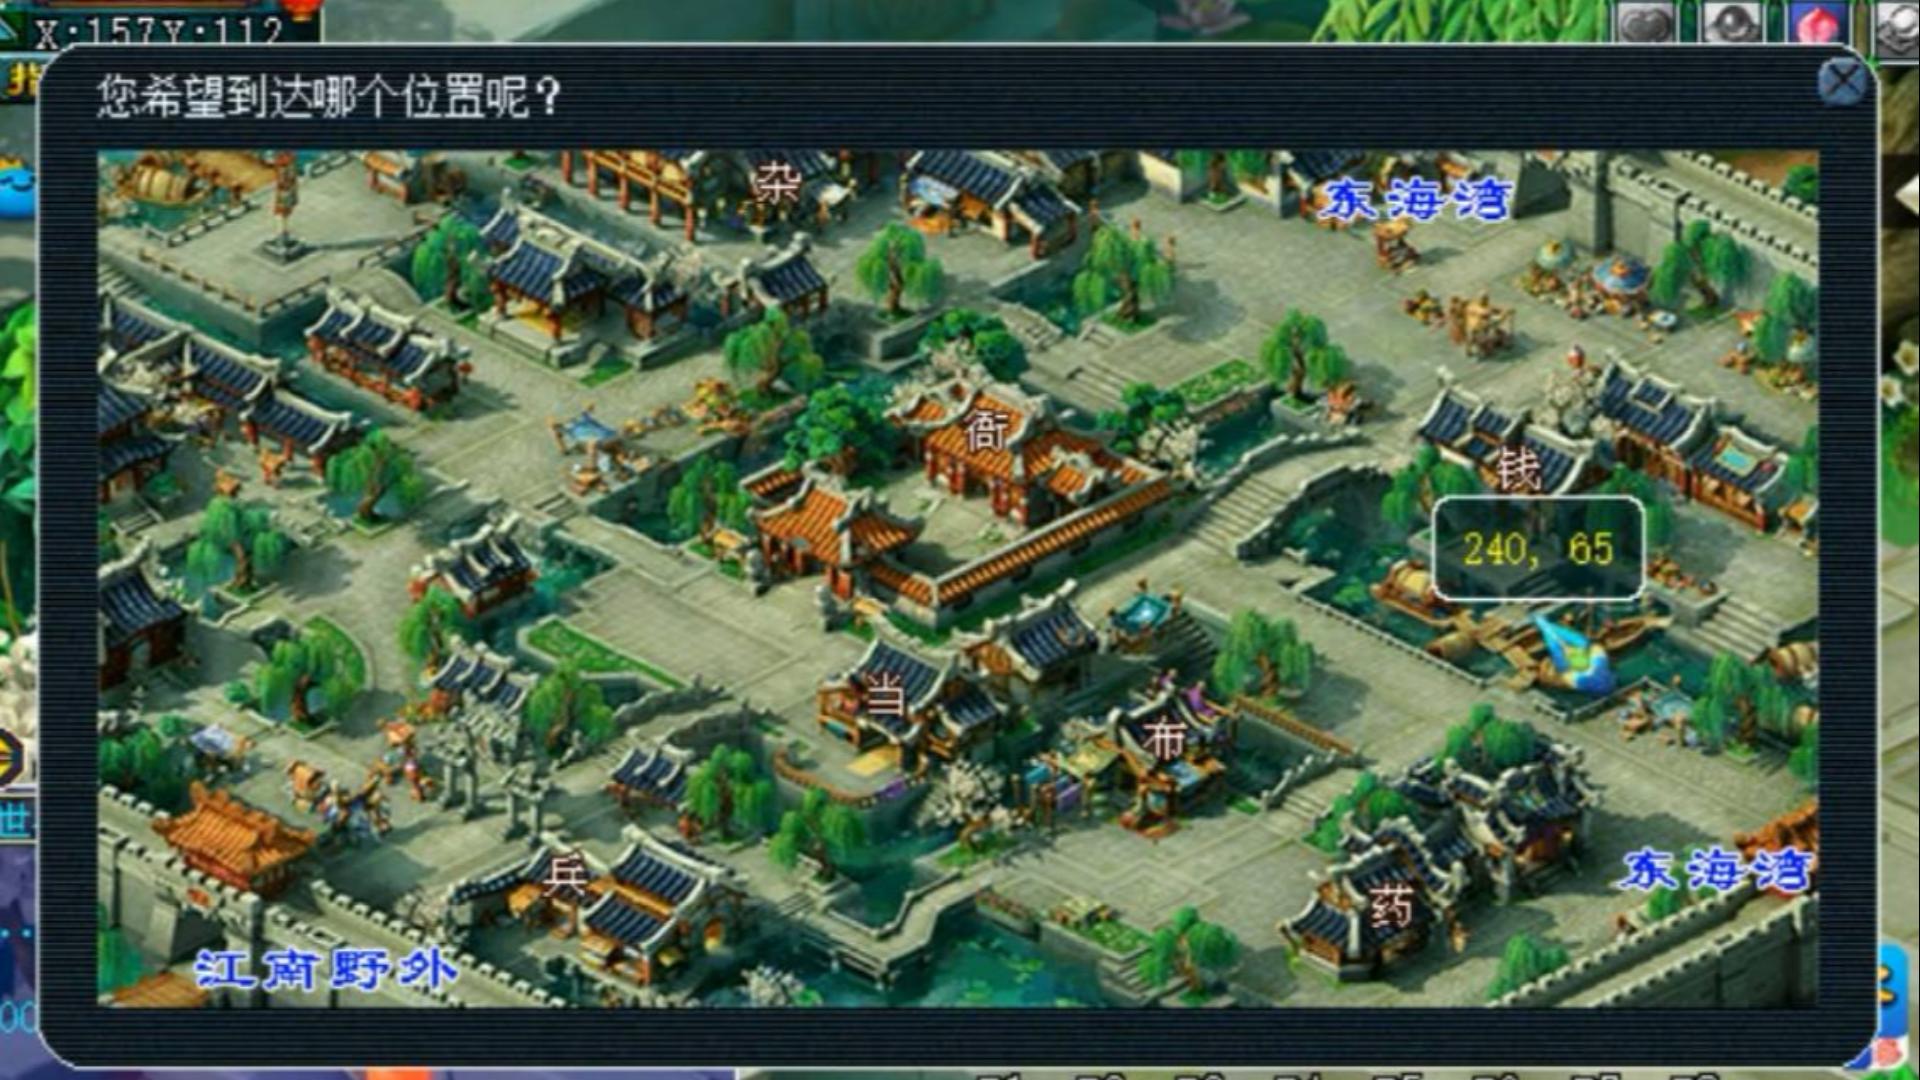 梦幻西游:这是游戏在氪金玩家面前的样子,挖图直接飞到指定坐标